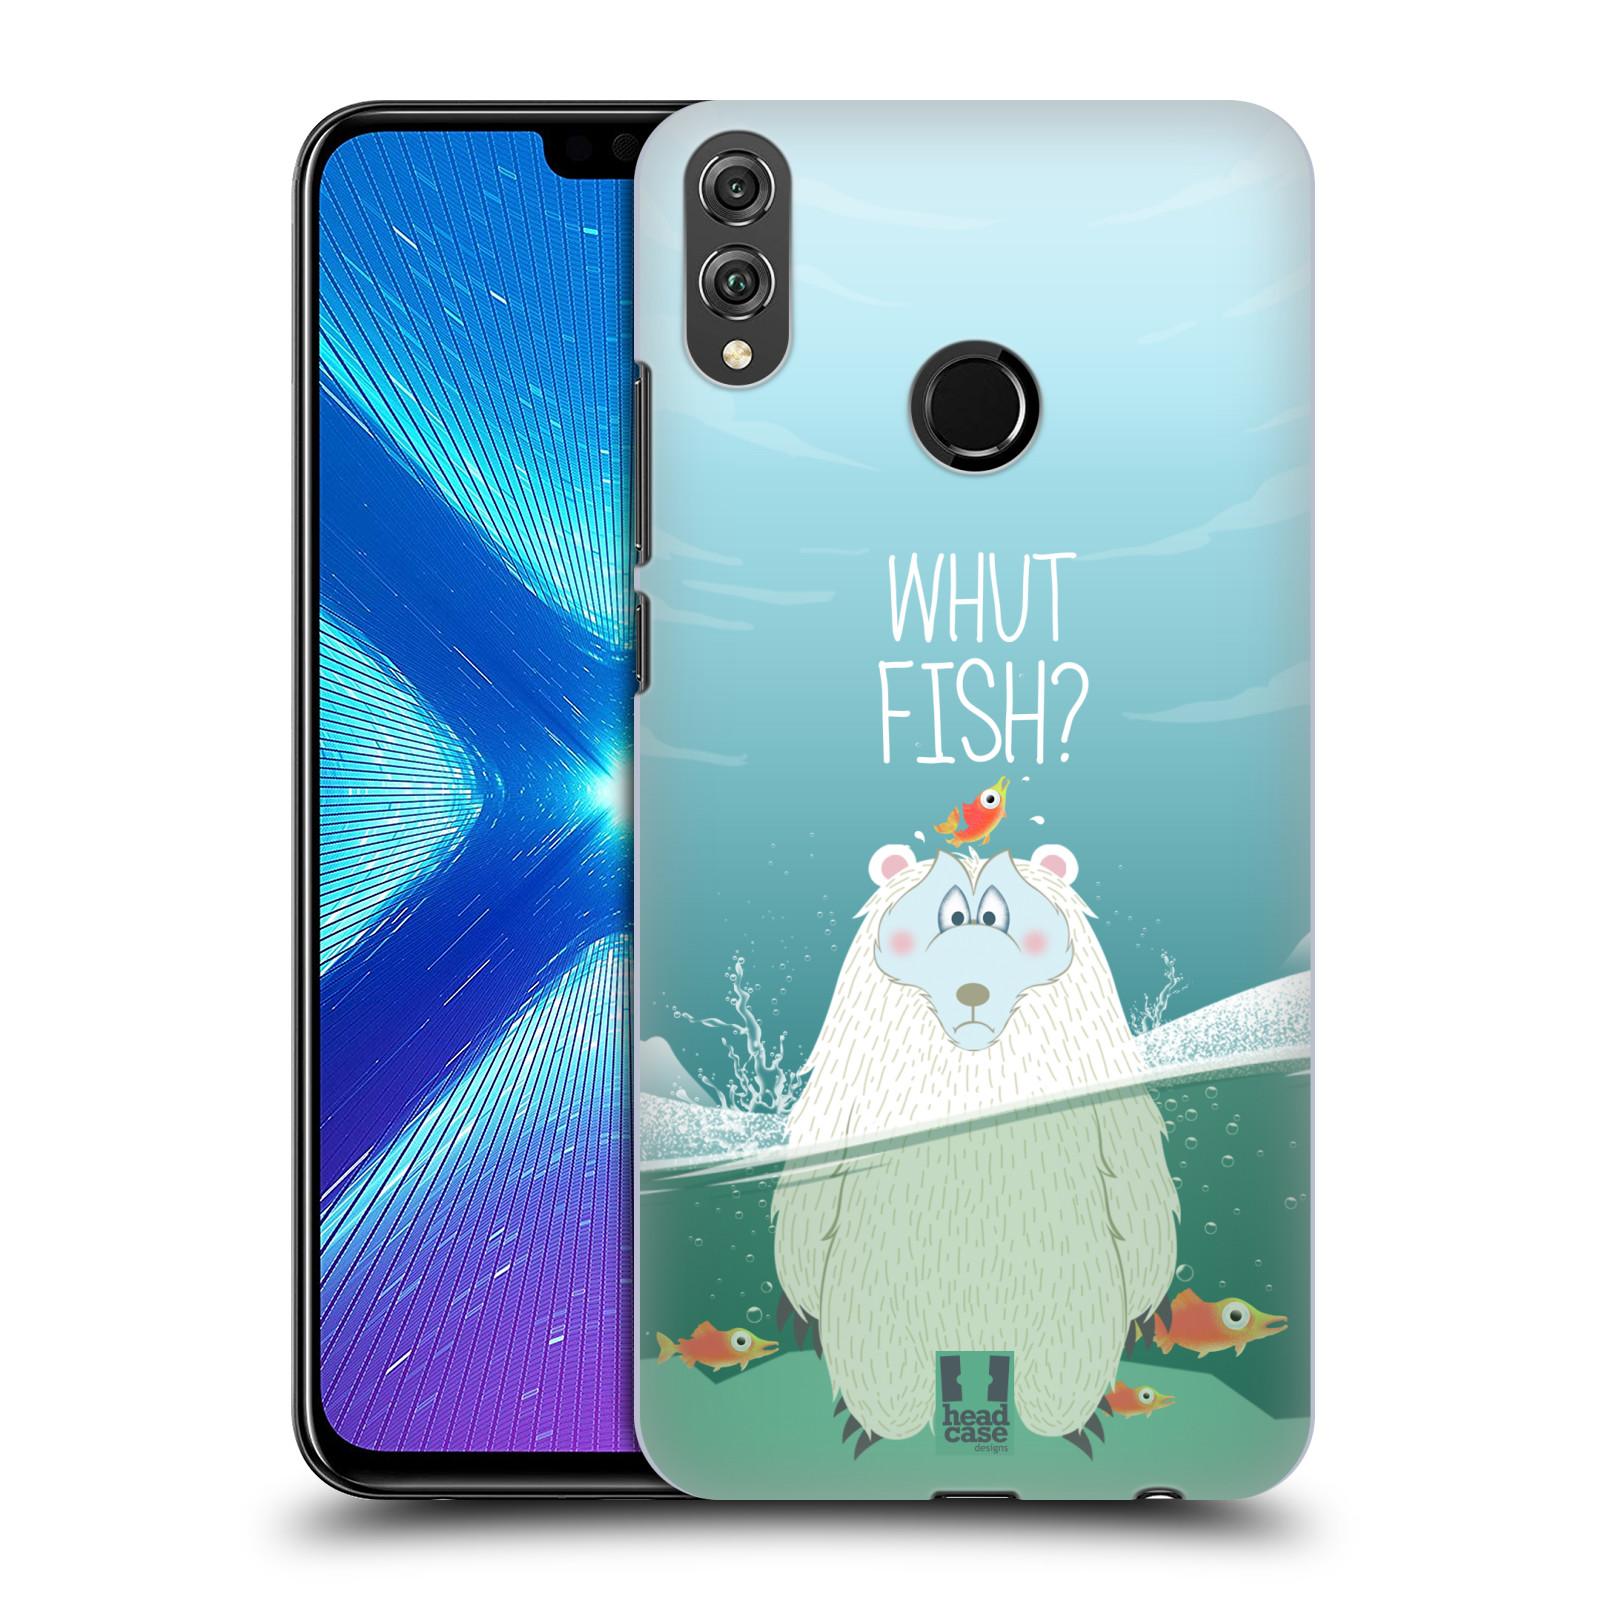 Plastové pouzdro na mobil Honor 8X - Head Case - Medvěd Whut Fish?